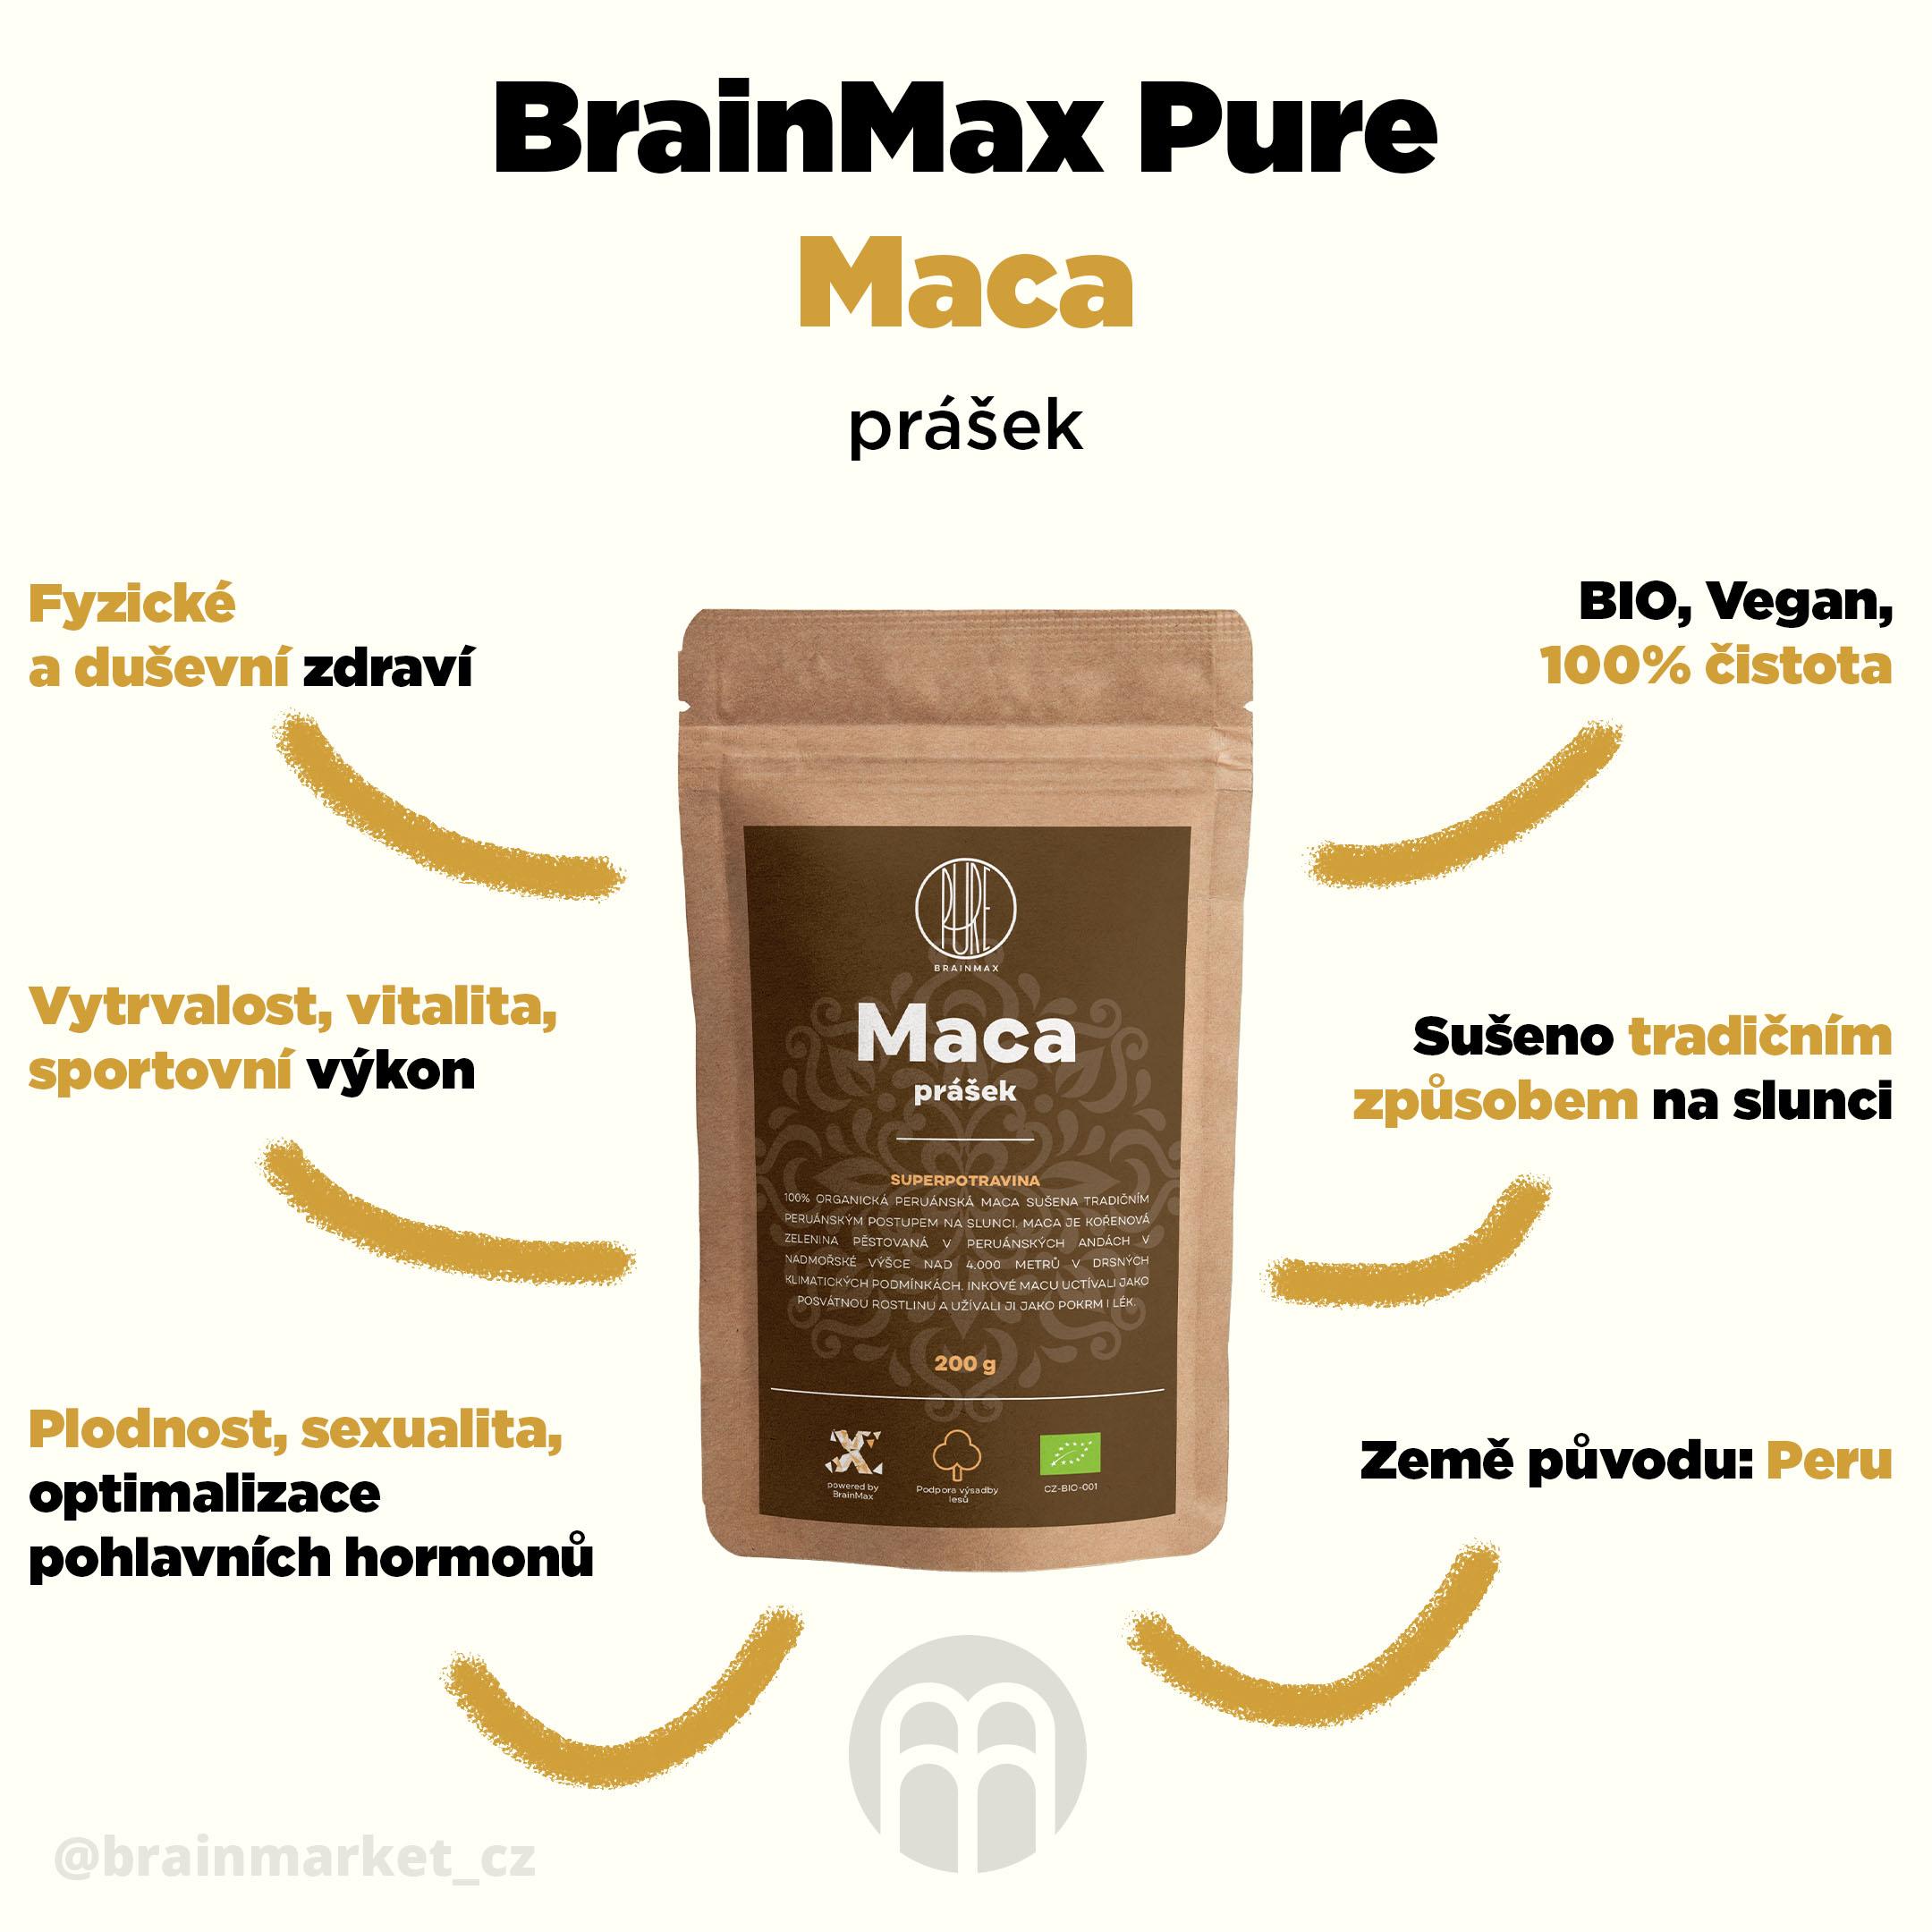 maca_prinosy_infografika_brainmarket_CZ